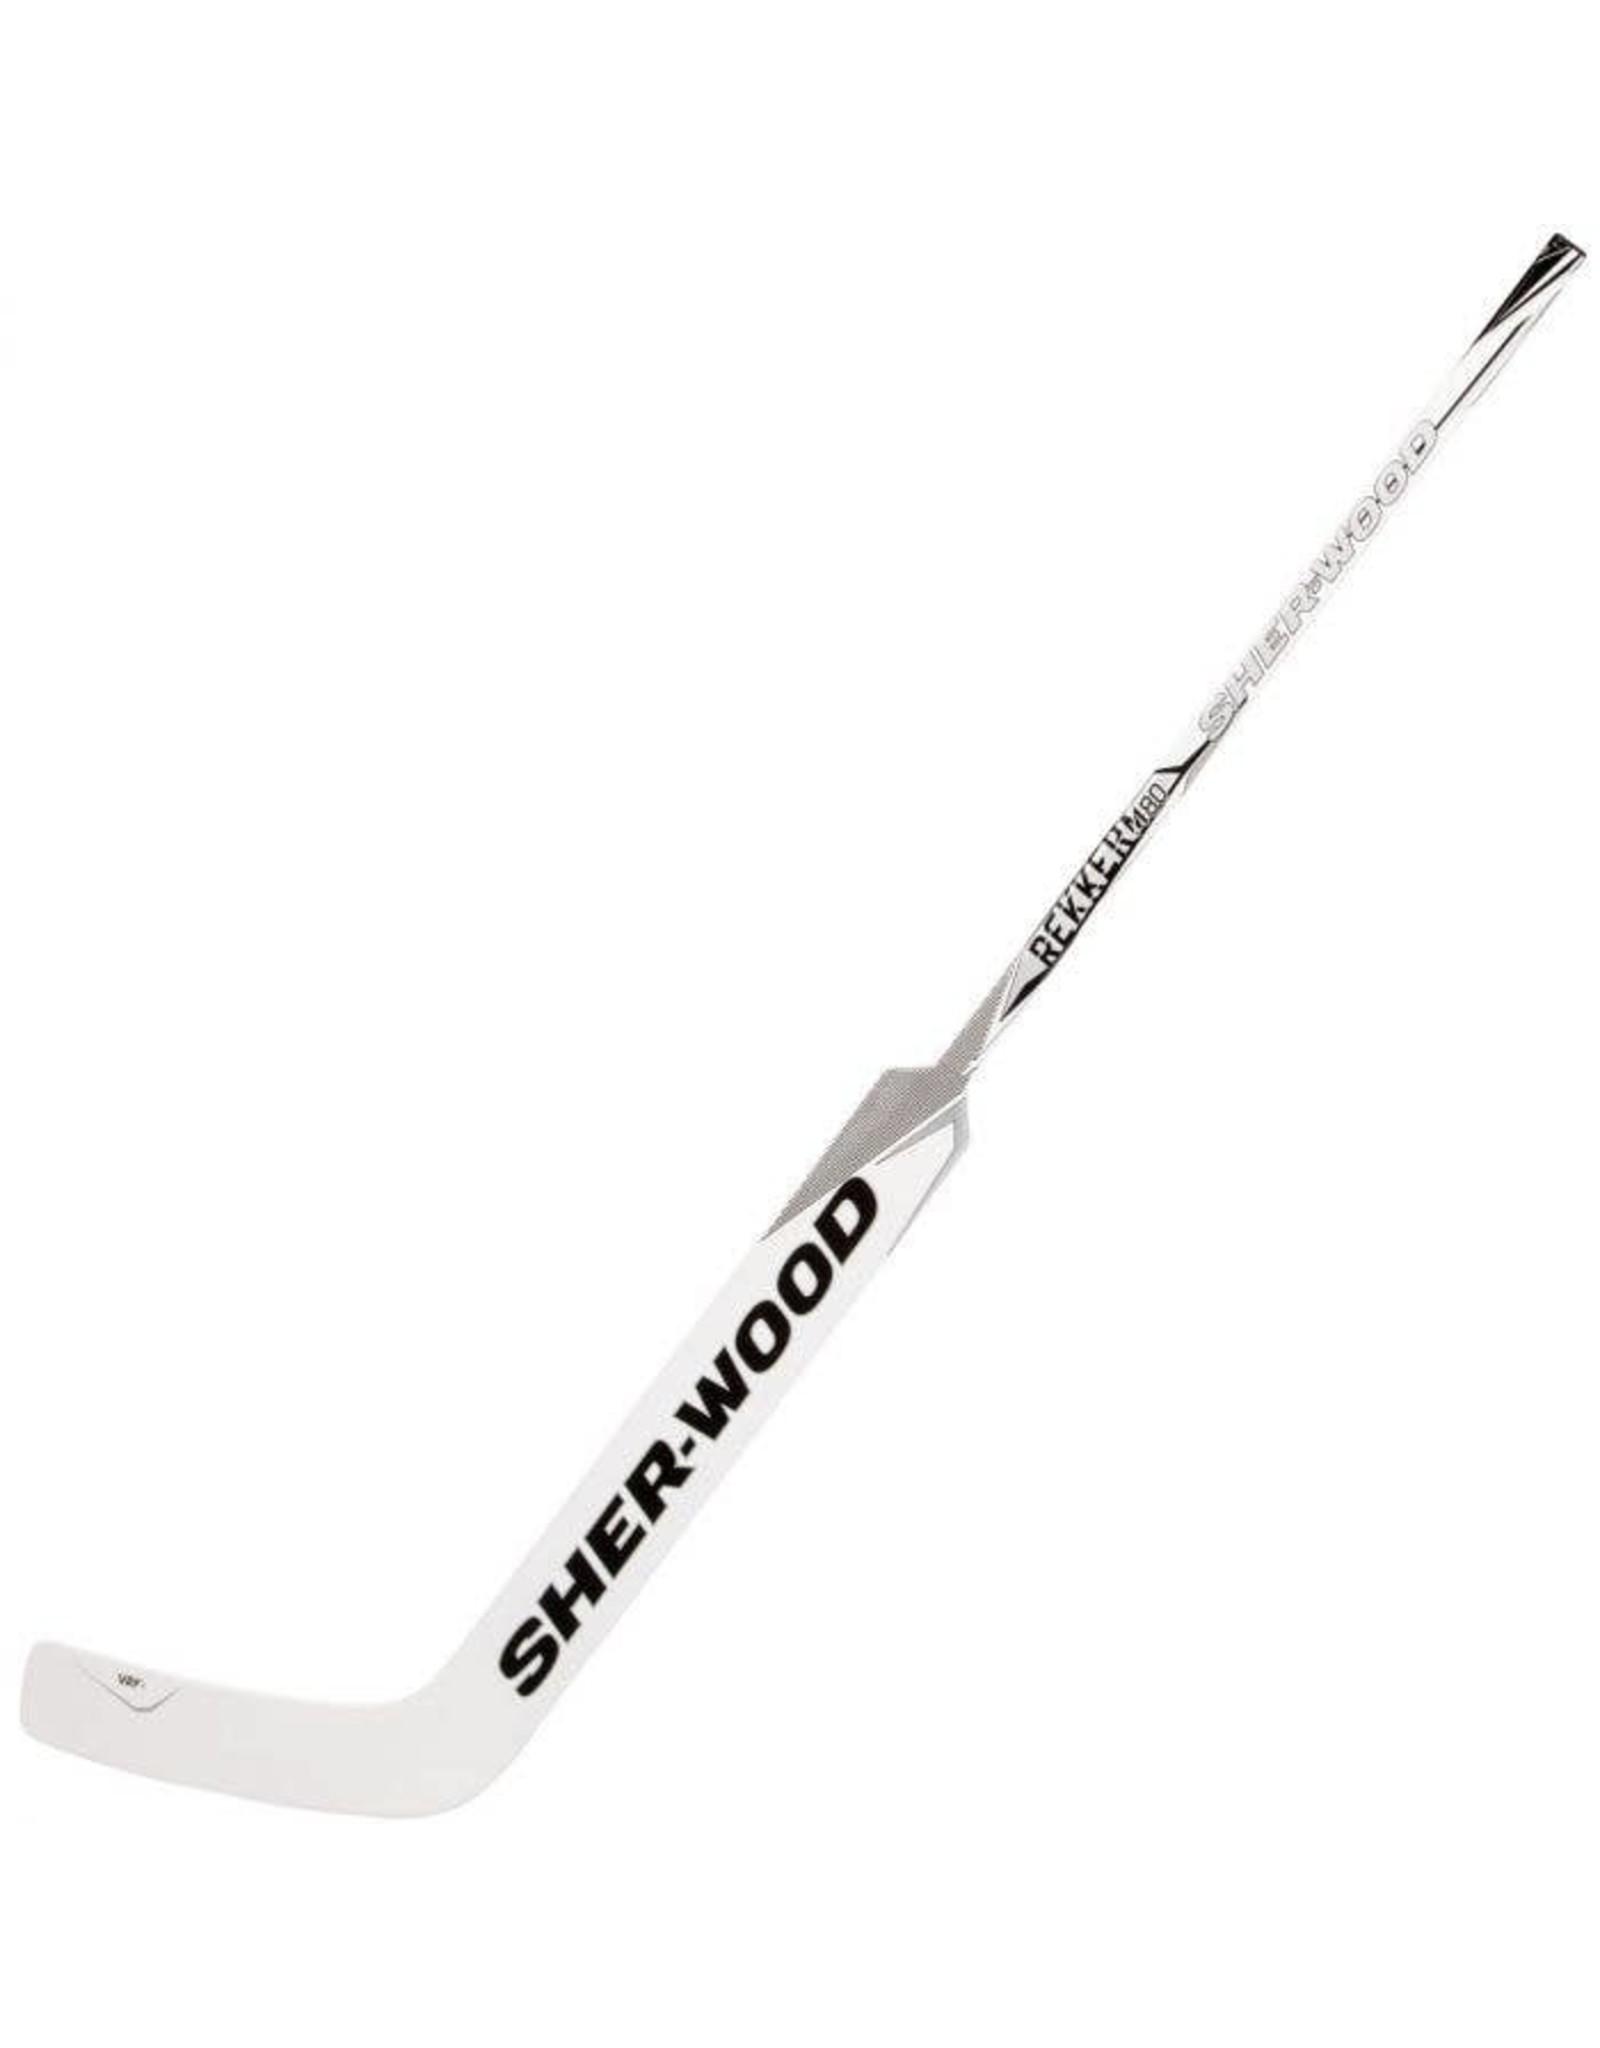 SHER-WOOD Rekker M80, Junior, Goalie Stick